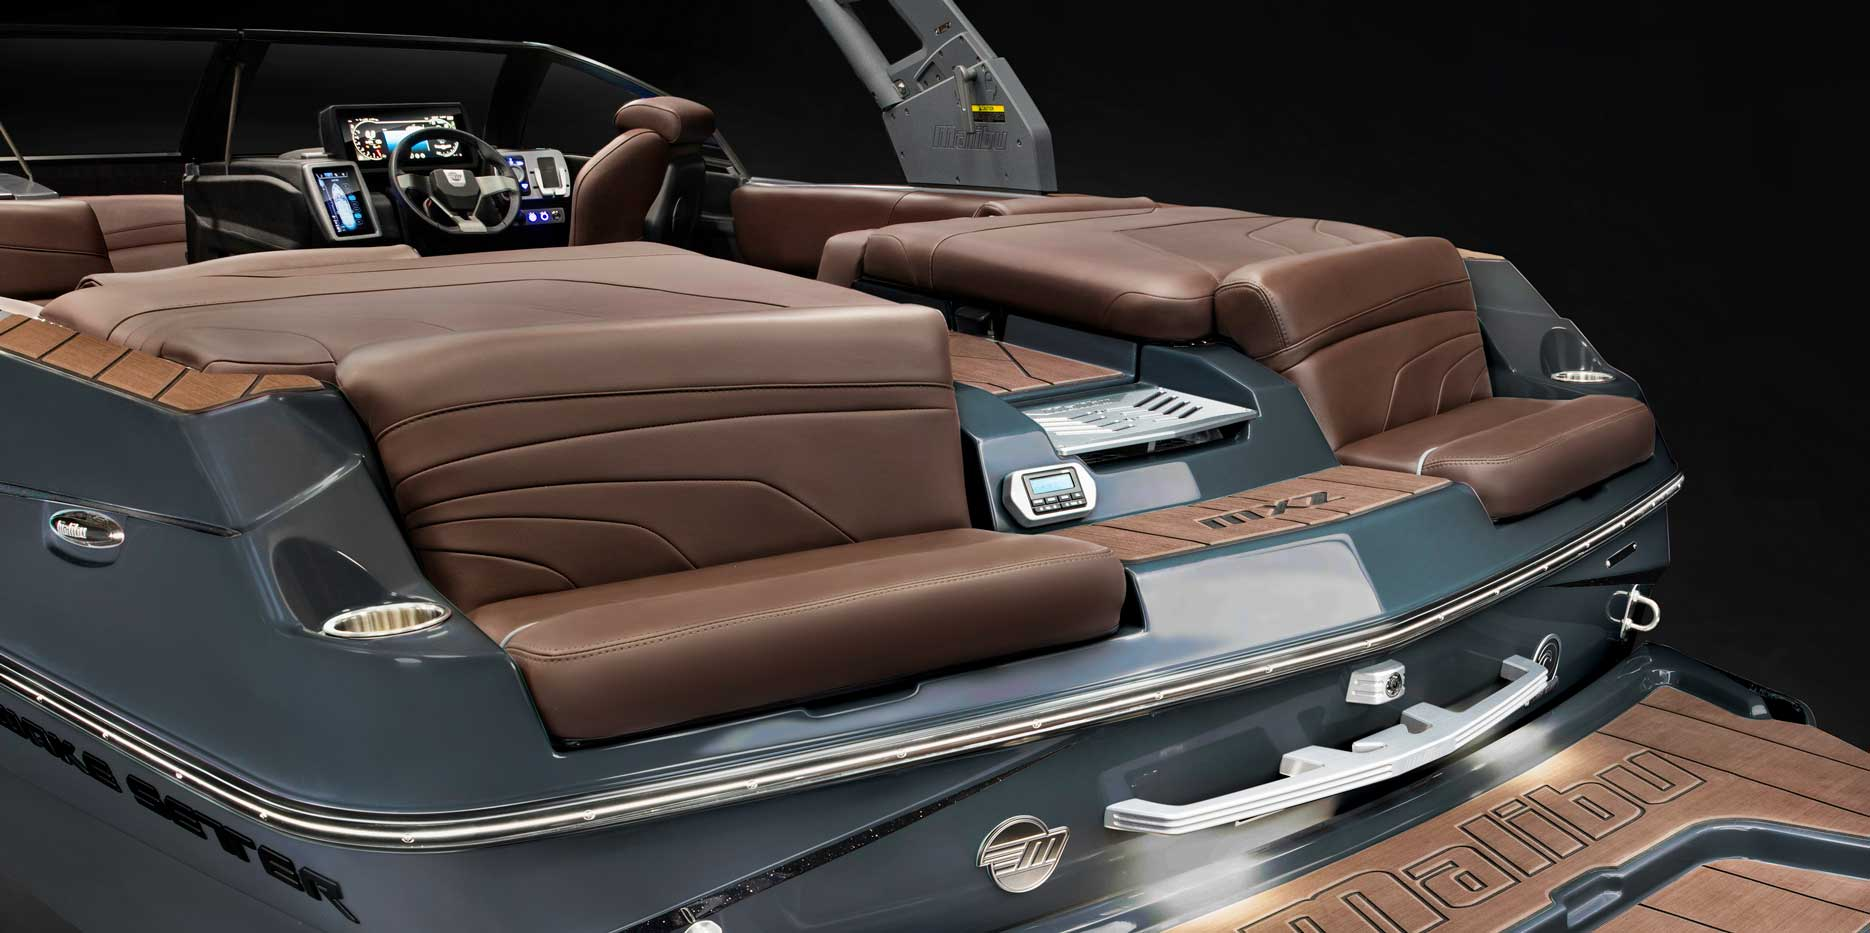 Malibu Boats 22 MXZ aft seating